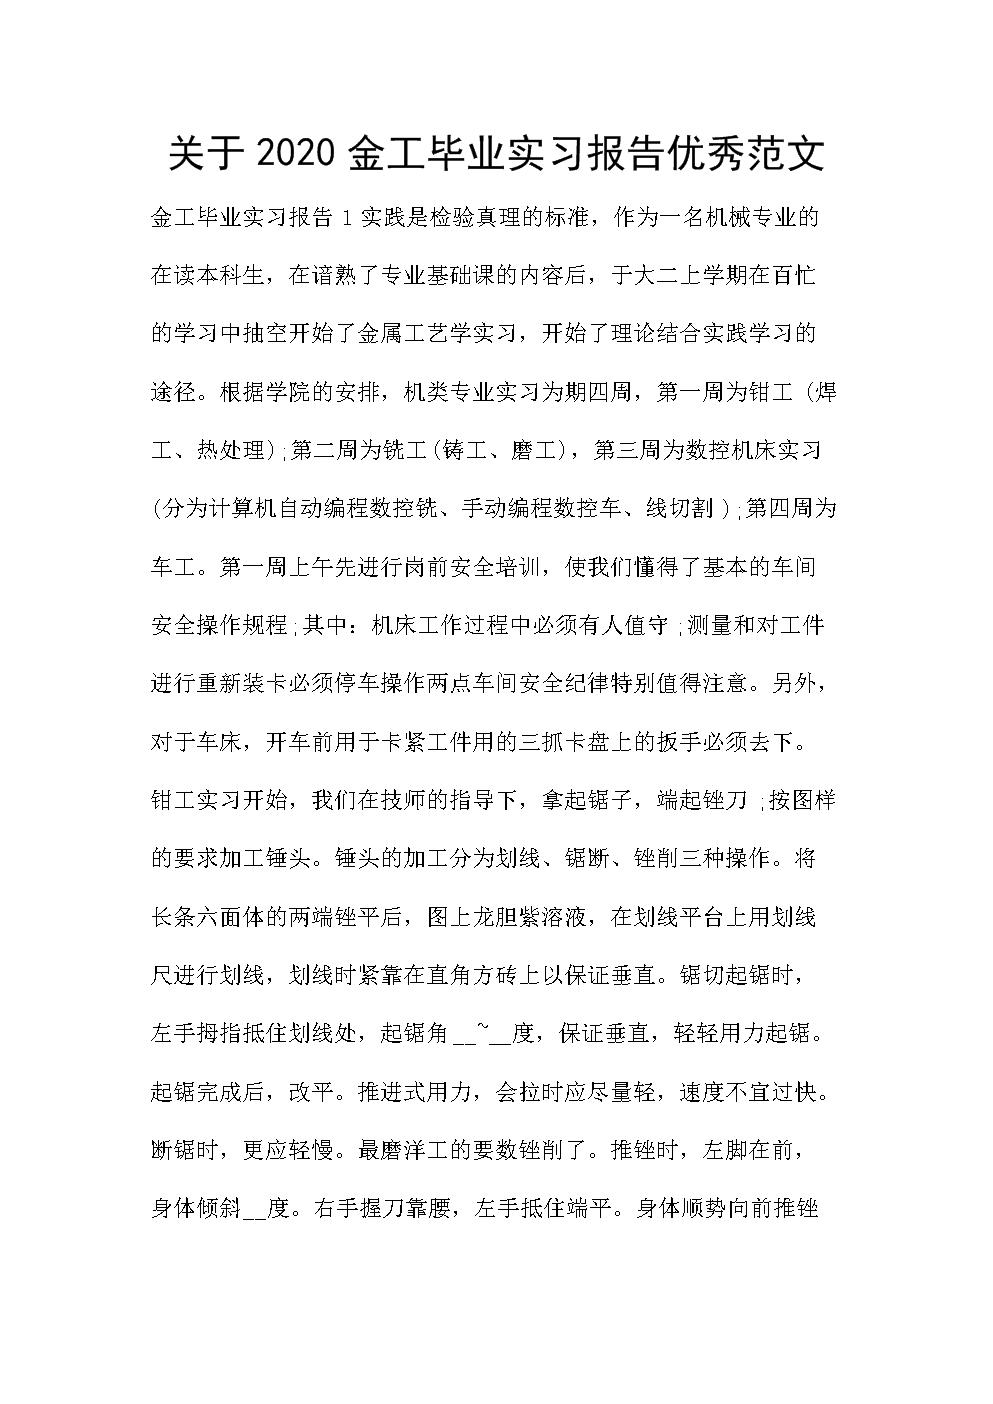 关于2020金工毕业实习报告优秀范文.doc